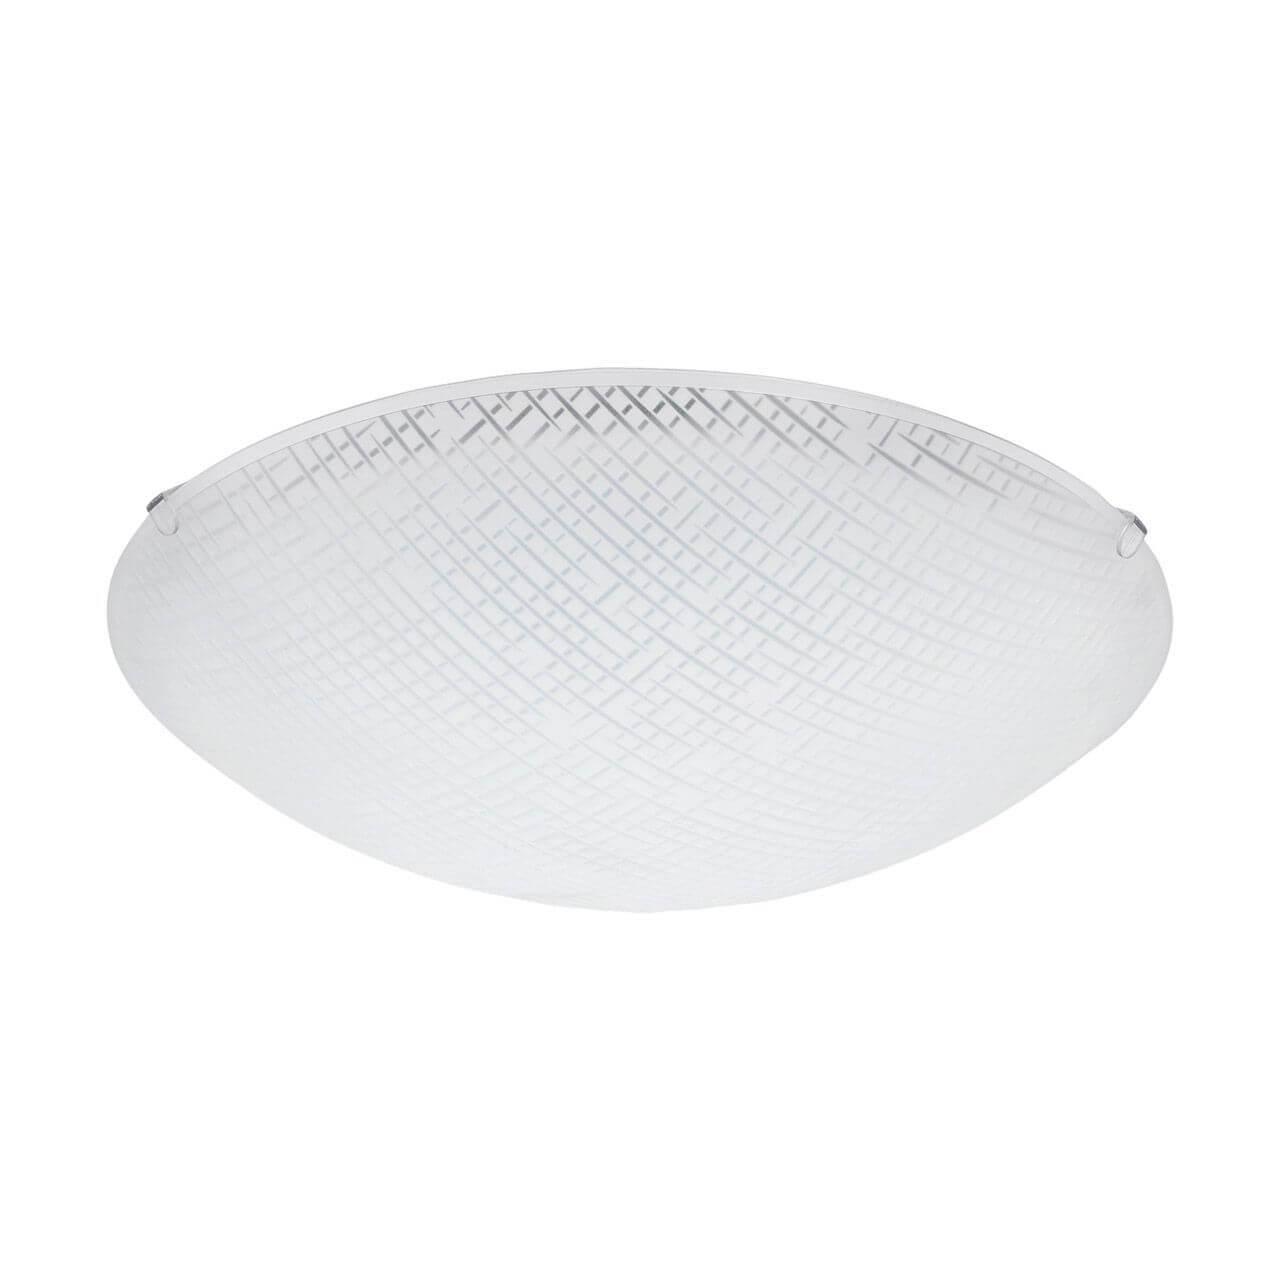 цена на Накладной светильник Eglo 96115, LED, 11 Вт